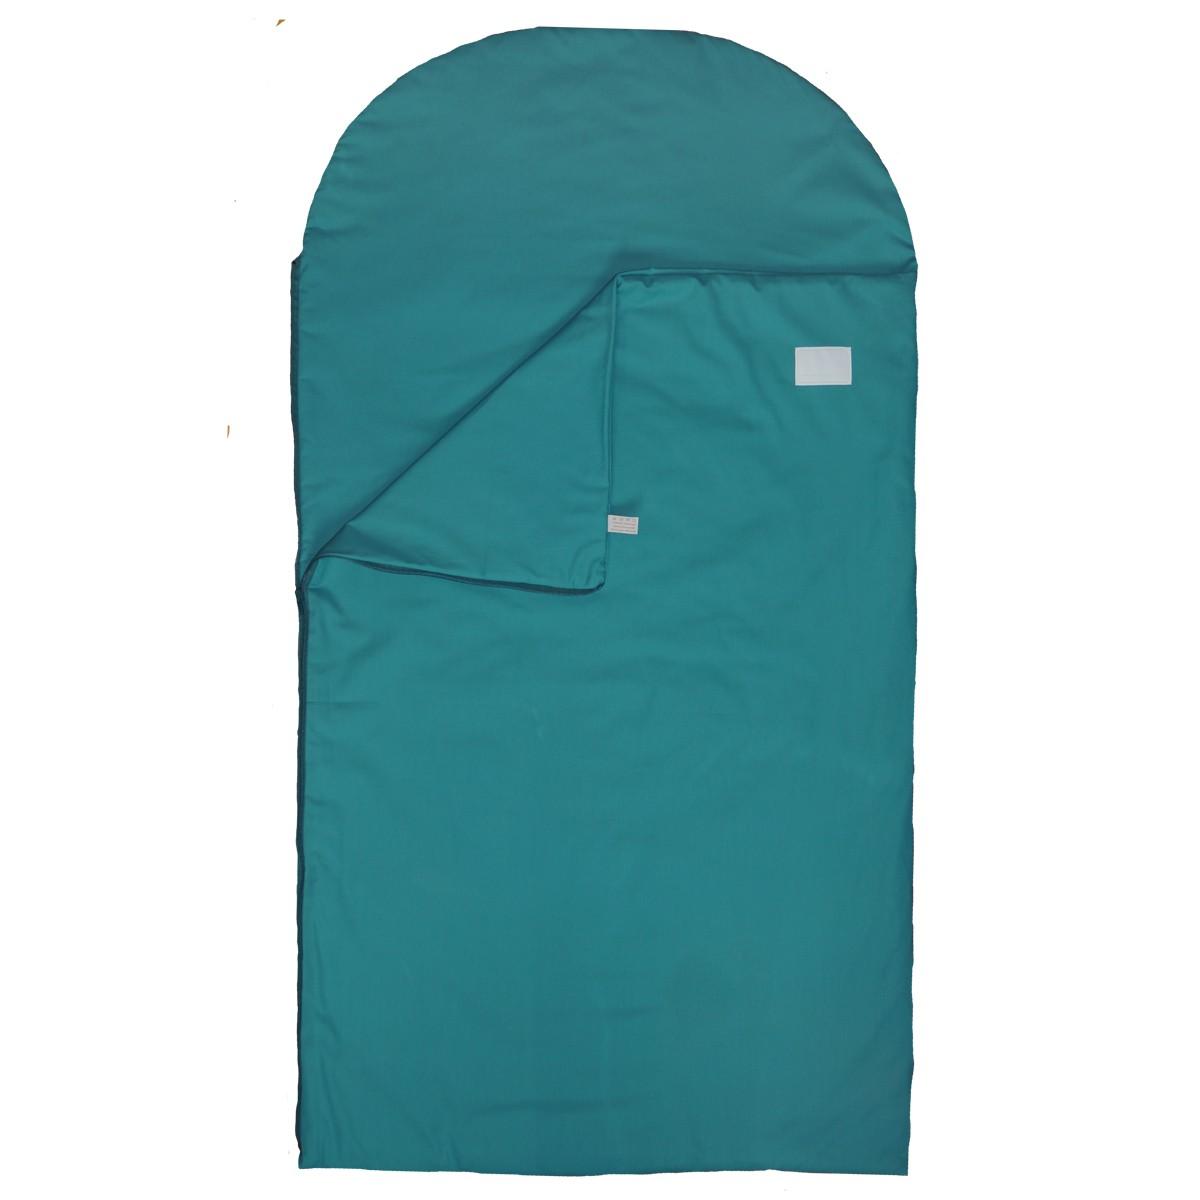 Sac de couchage école maternelle bleu 60 x 130